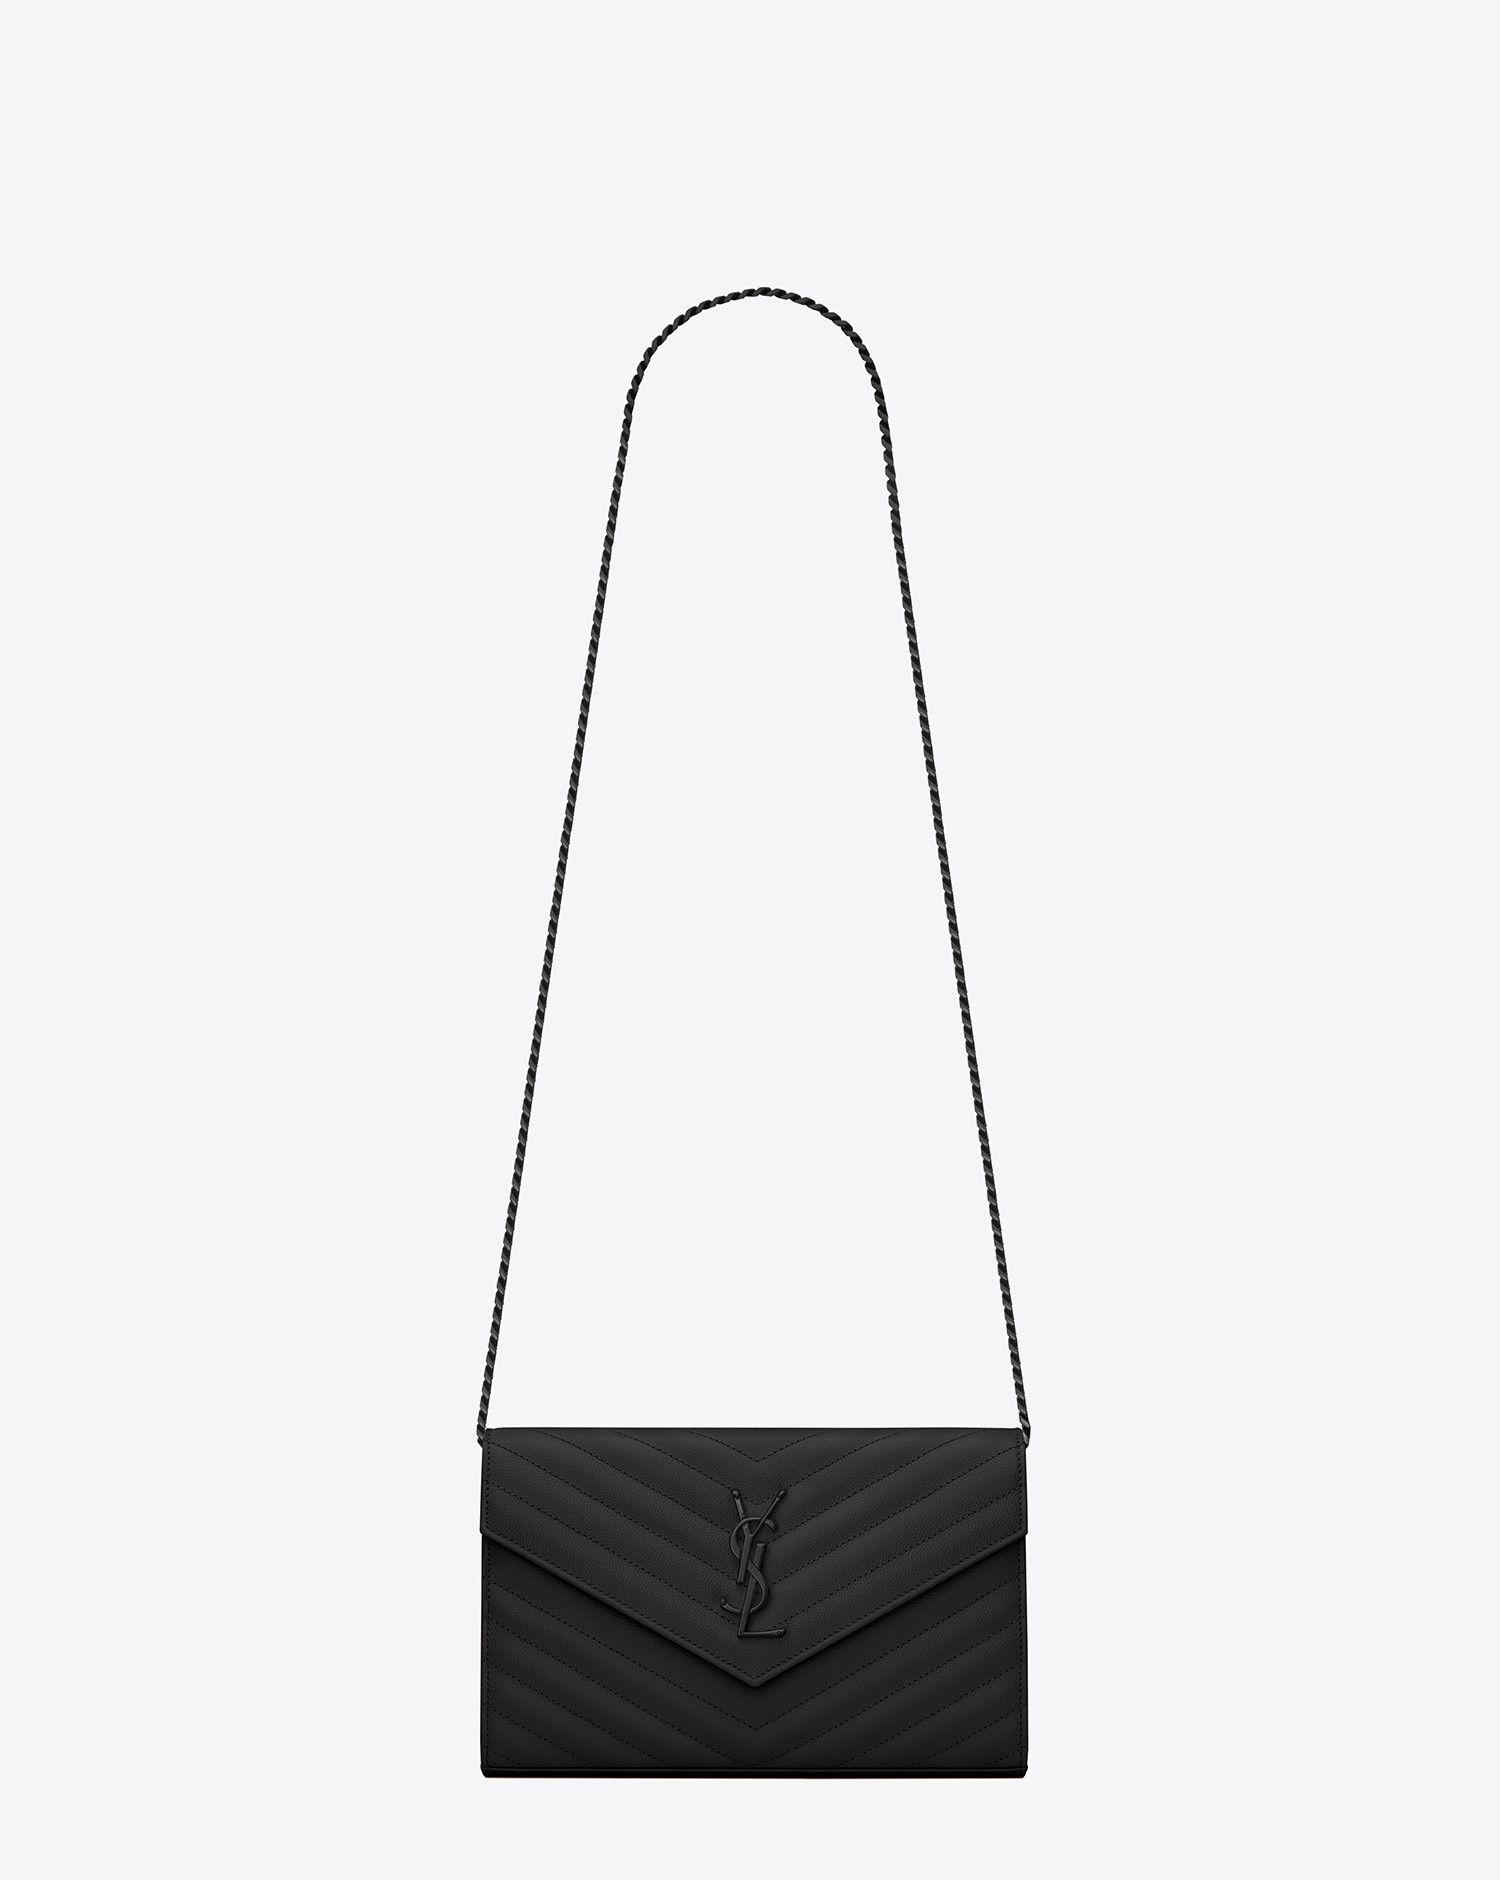 7aa08fa904c Saint Laurent MONOGRAM SAINT LAURENT CHAIN WALLET IN Black GRAIN DE POUDRE  TEXTURED MATELASSÉ LEATHER   ysl.com